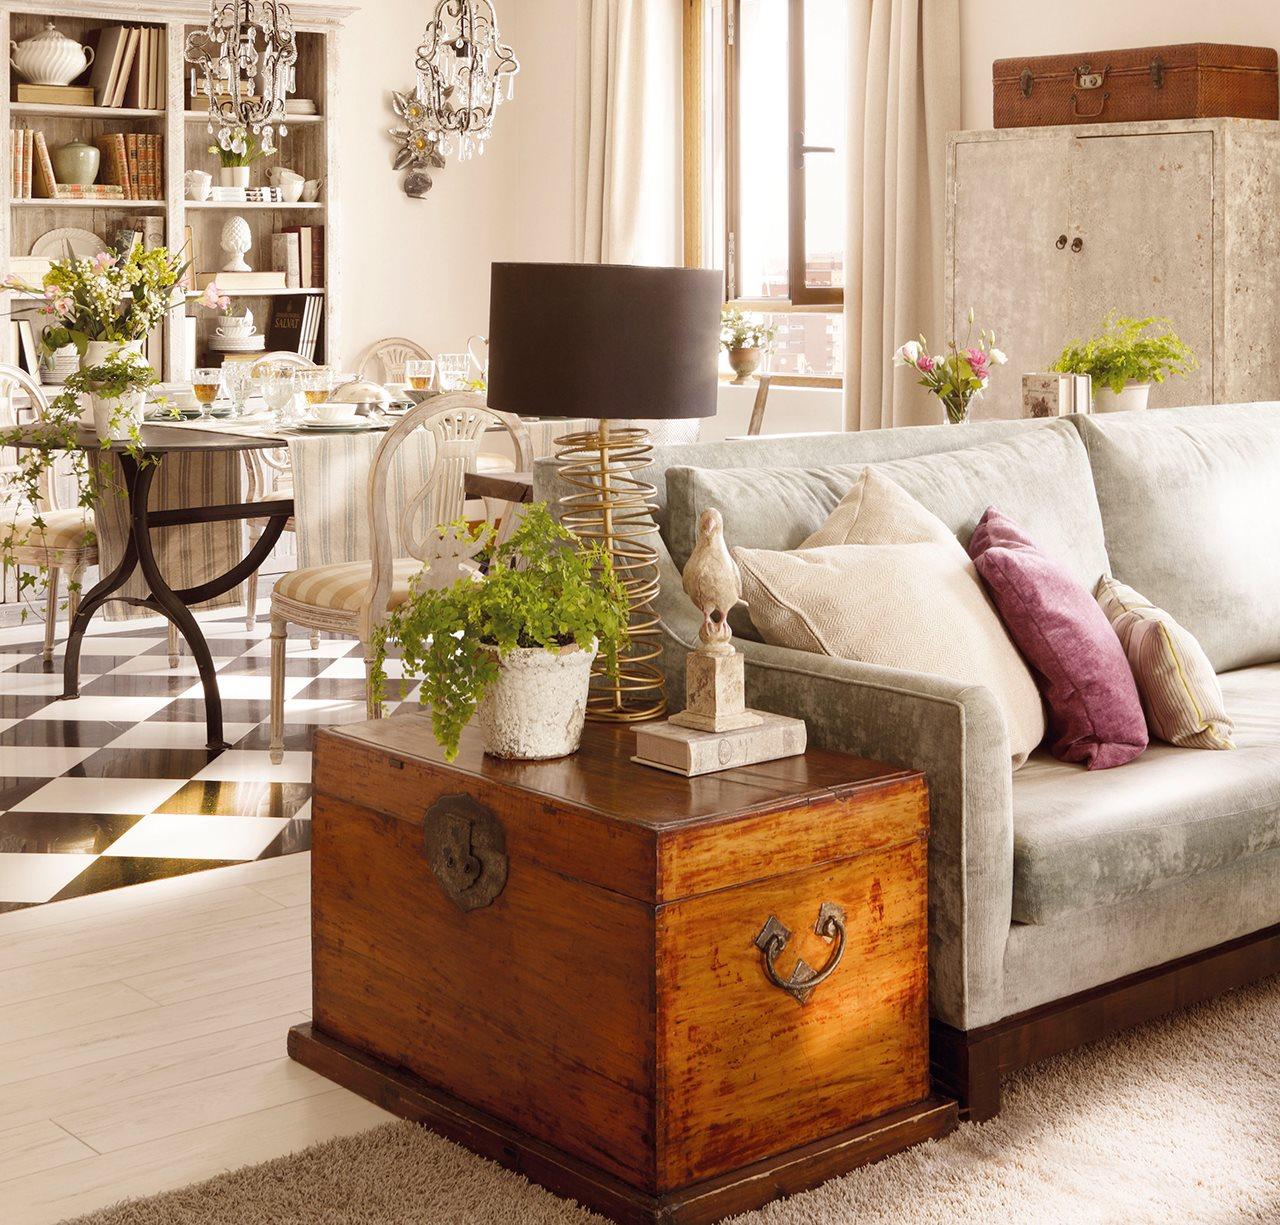 Muebles auxiliares de sal n - Como decorar un baul de madera ...